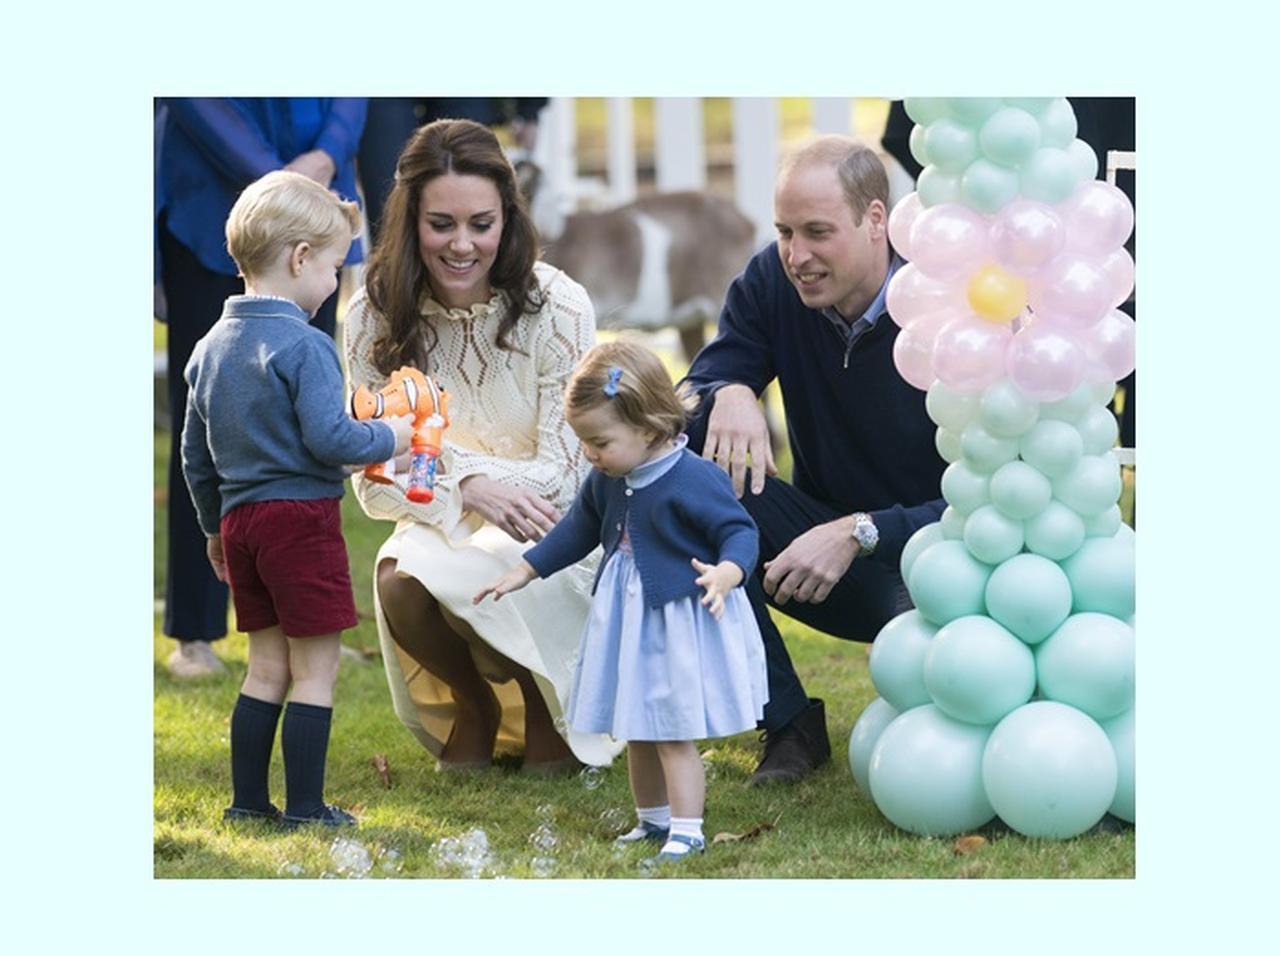 ウィリアム王子 子供